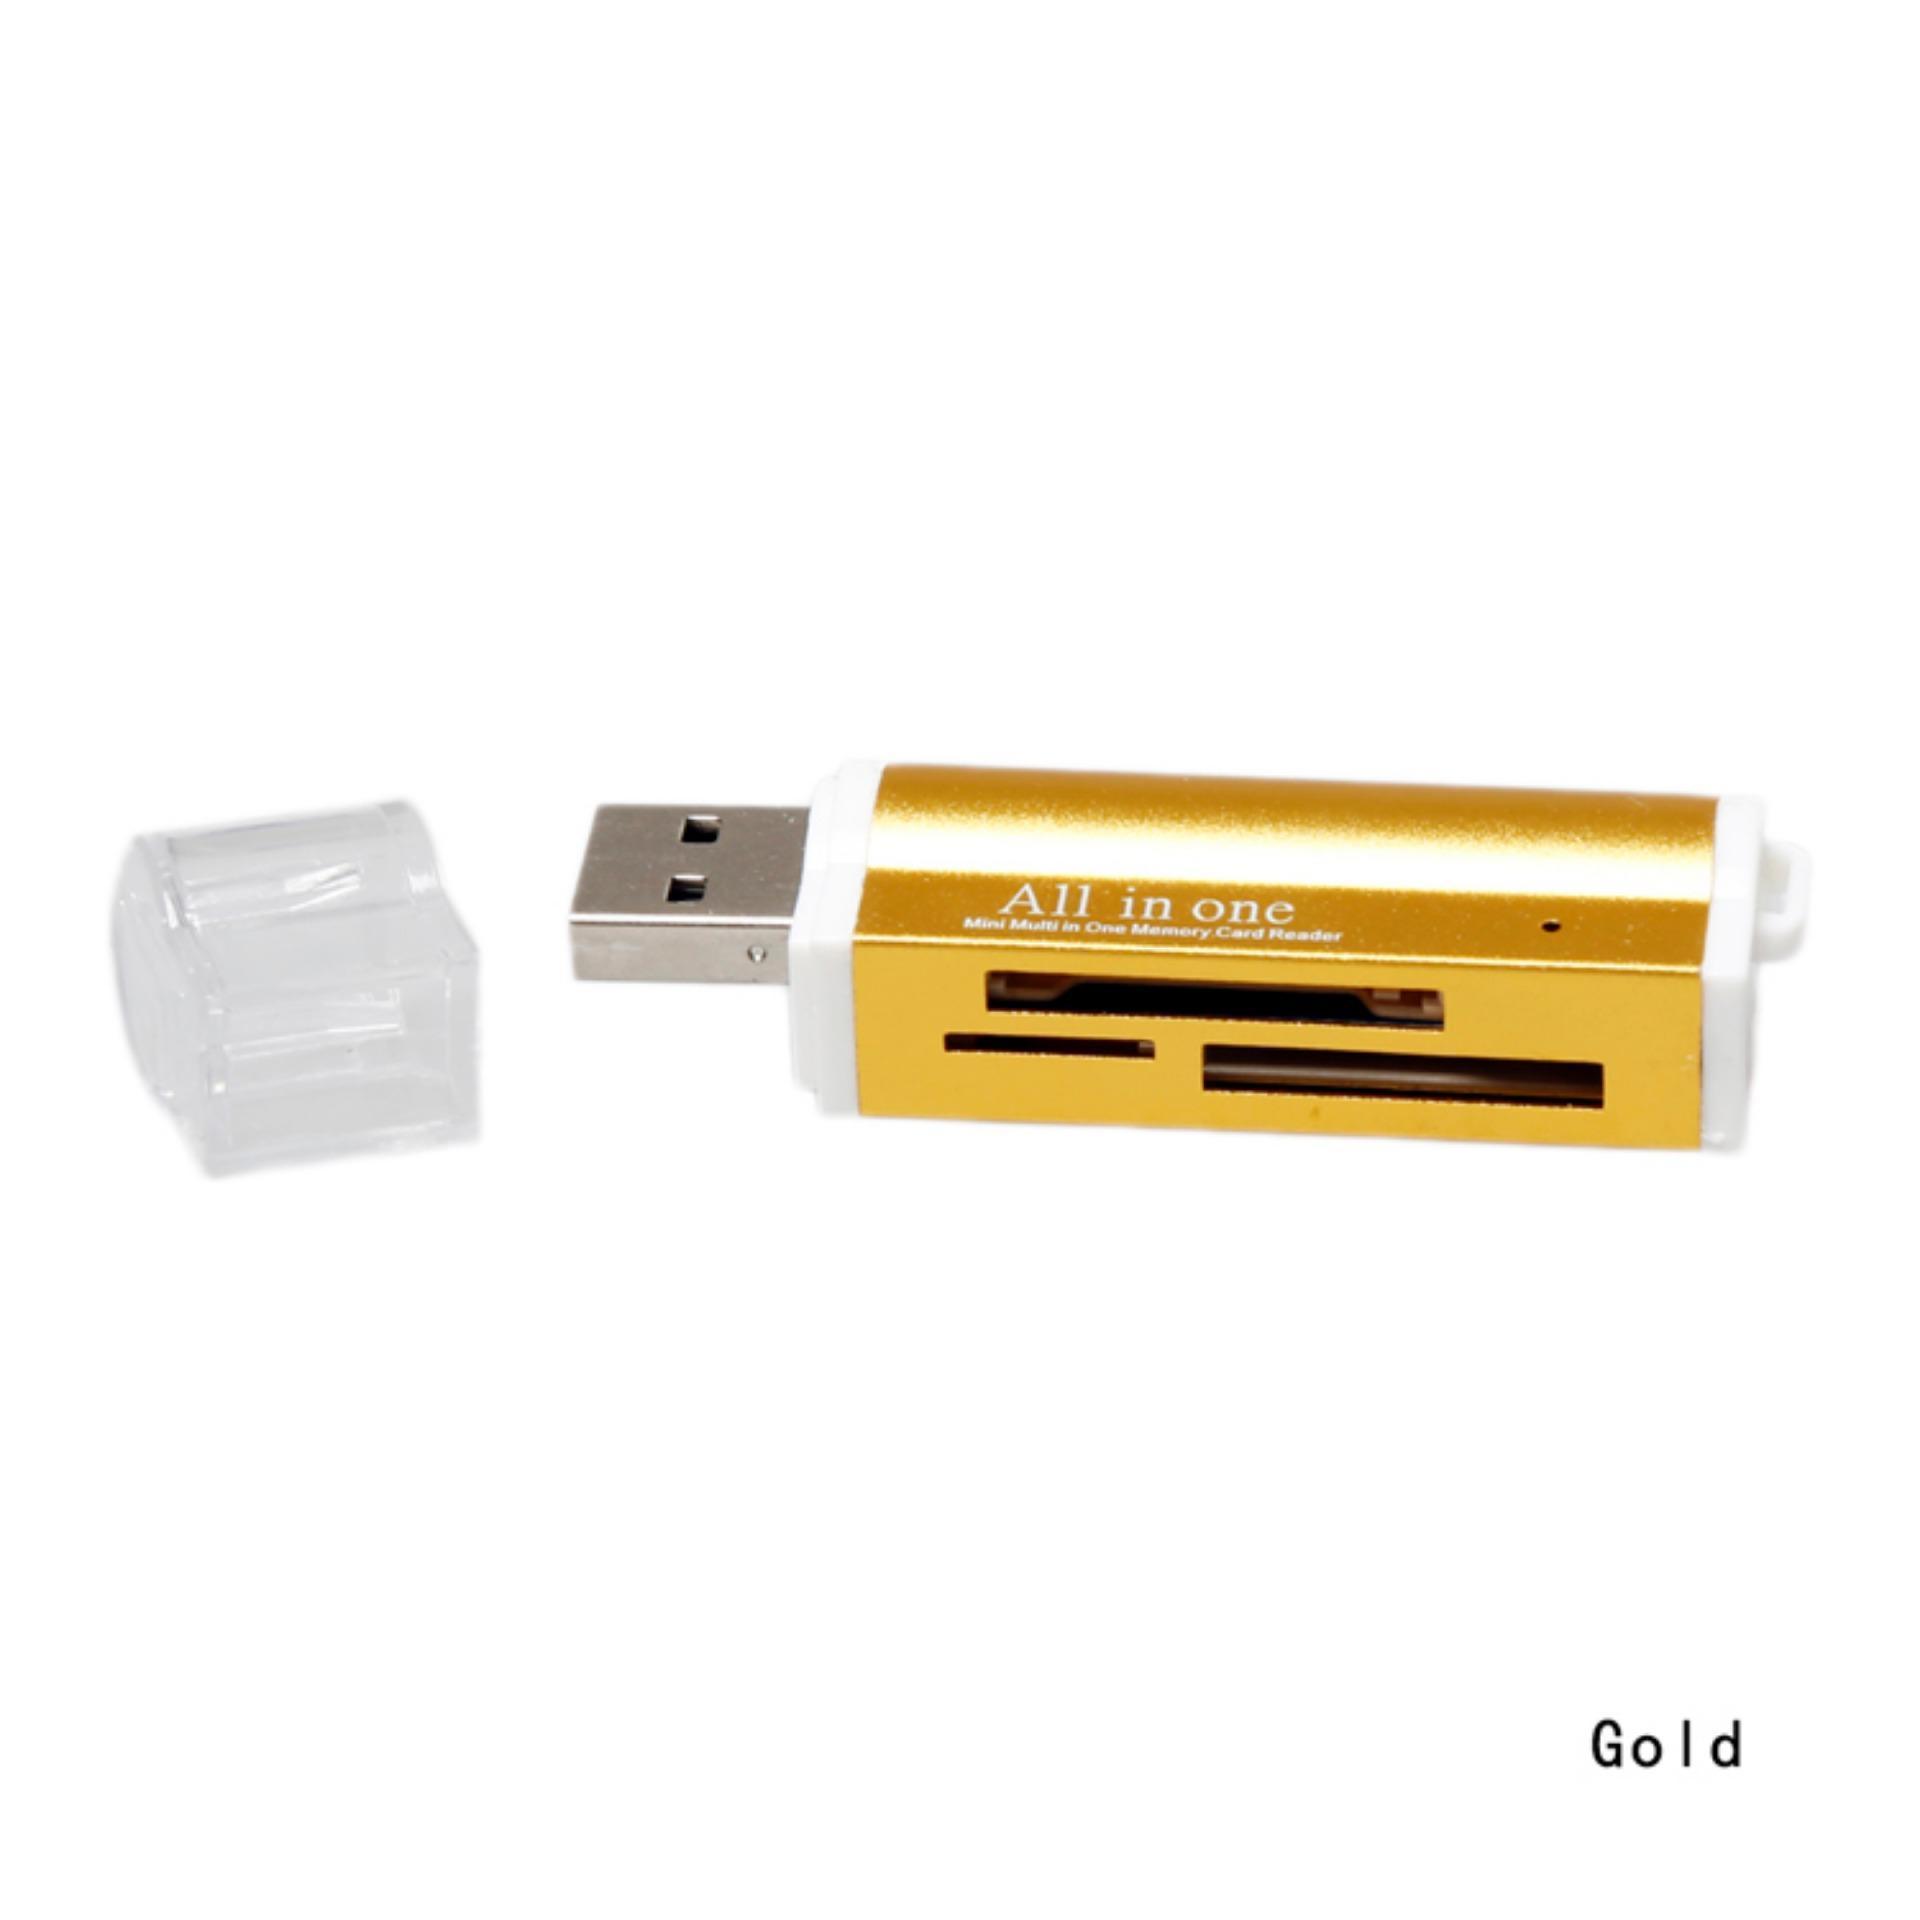 Mini Fancyqube Thiết Kế Đa Chức Năng USB Đọc Thẻ SD/TF-Đen, Xanh, Vàng màu tím-intl Đang Bán Tại Fancyqube Fashion